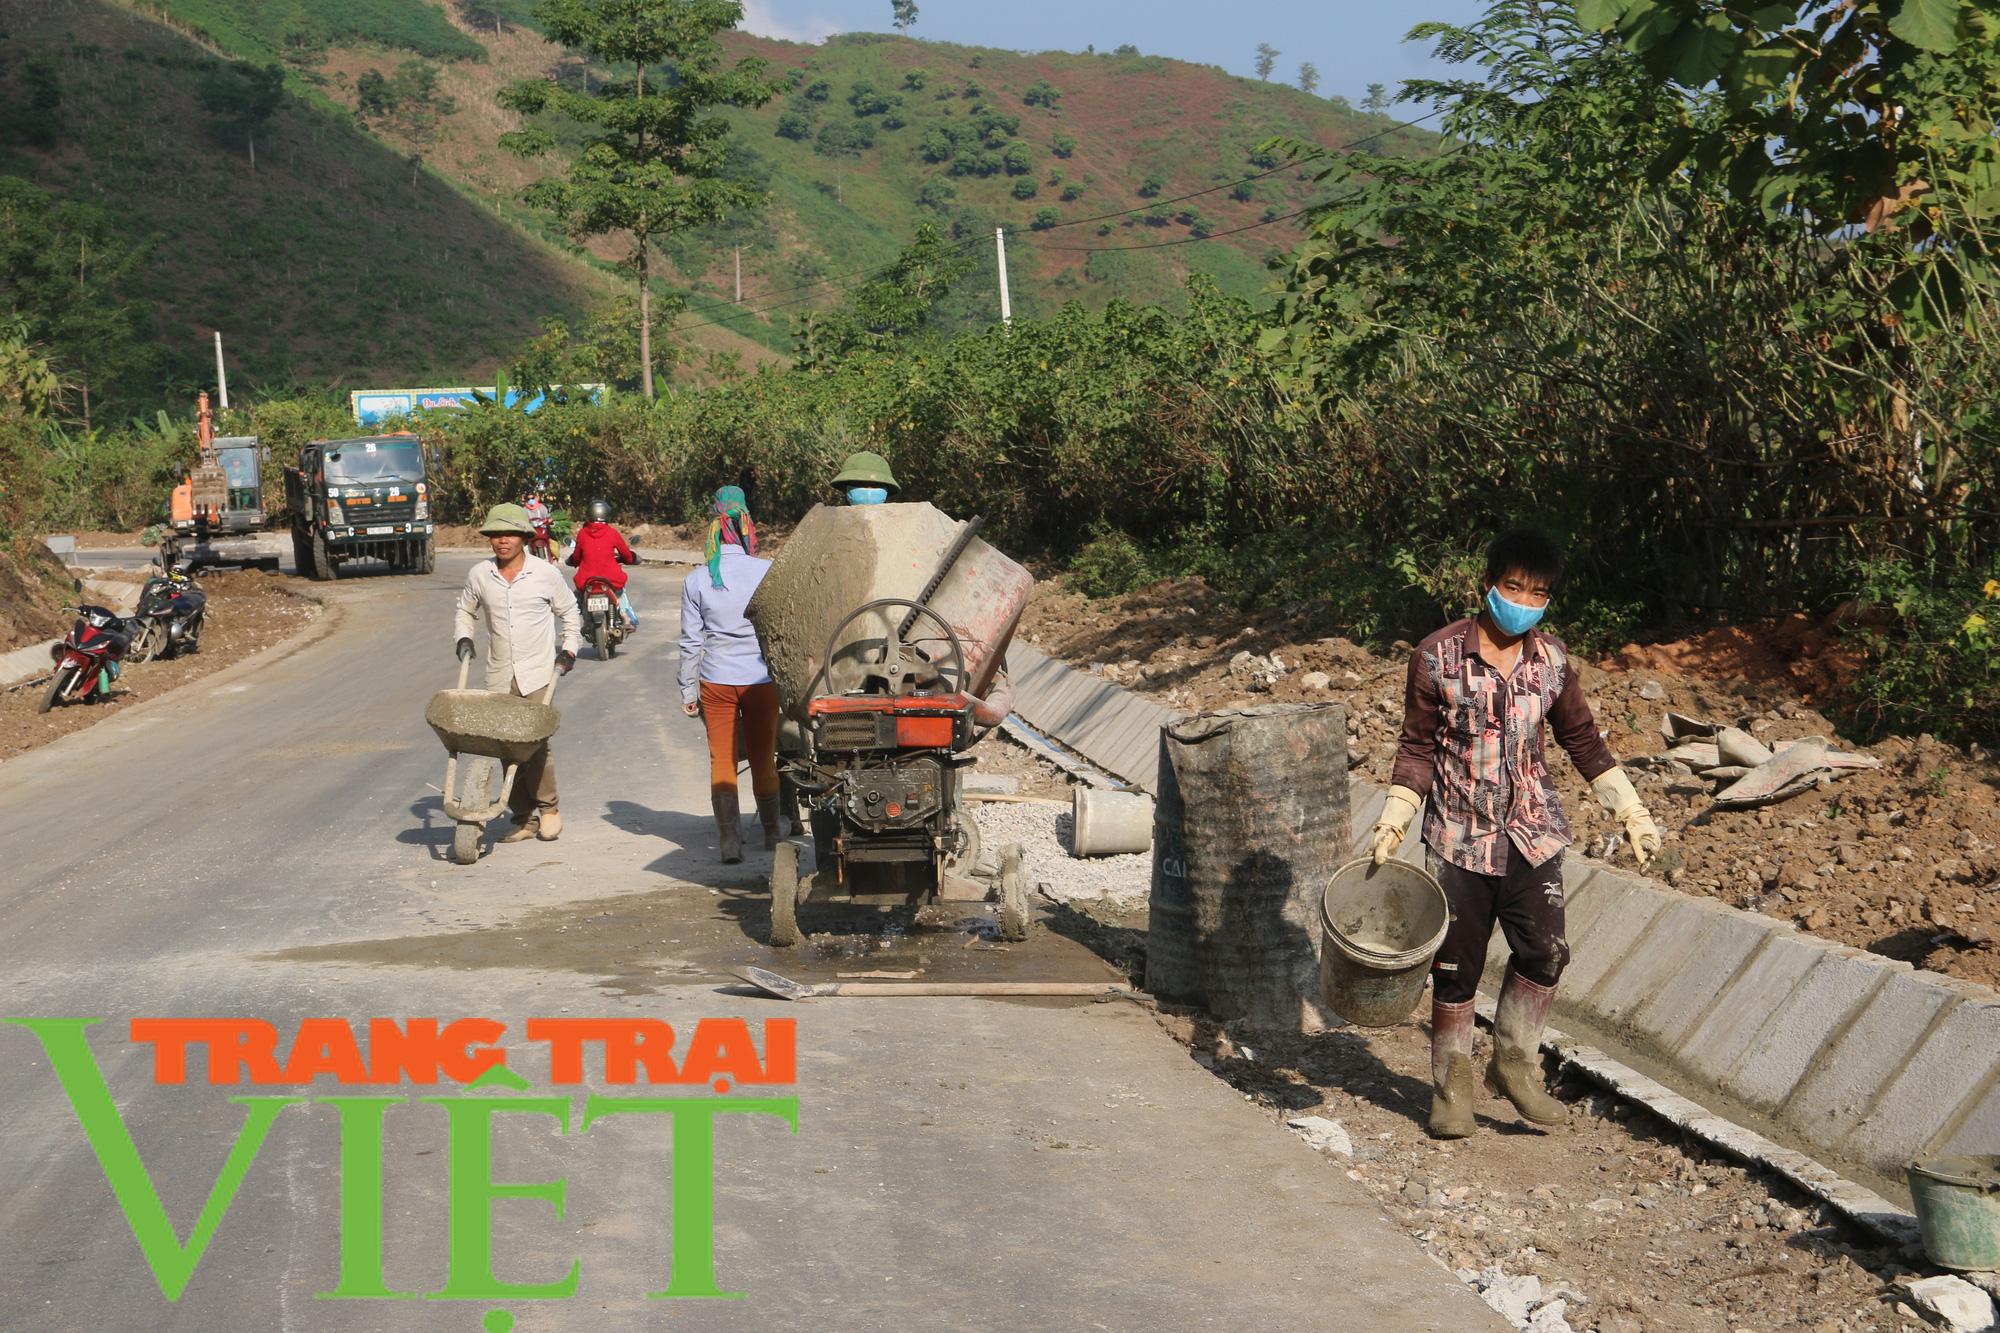 Quỳnh Nhai: Niềm vui trên những con đường nông thôn mới - Ảnh 3.